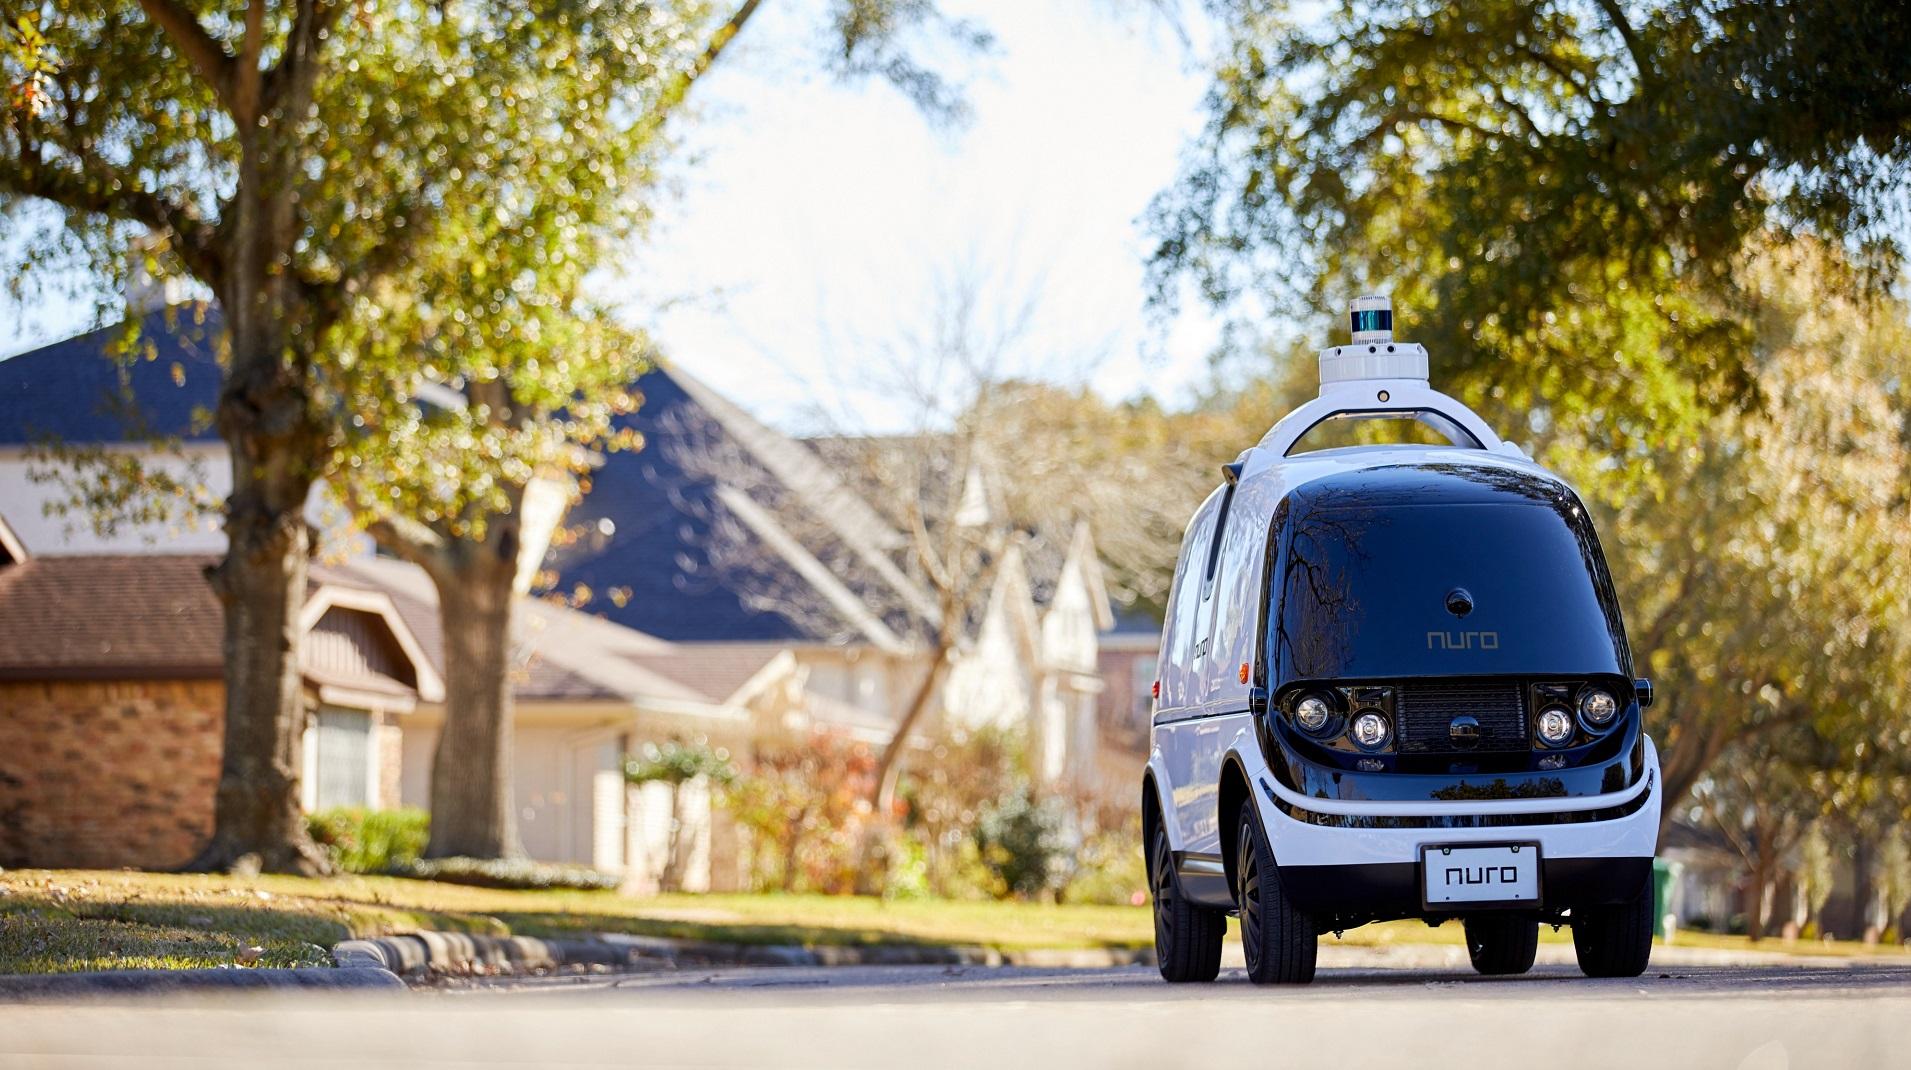 Así es el primer coche sin volante autorizado: un repartidor de pizzas